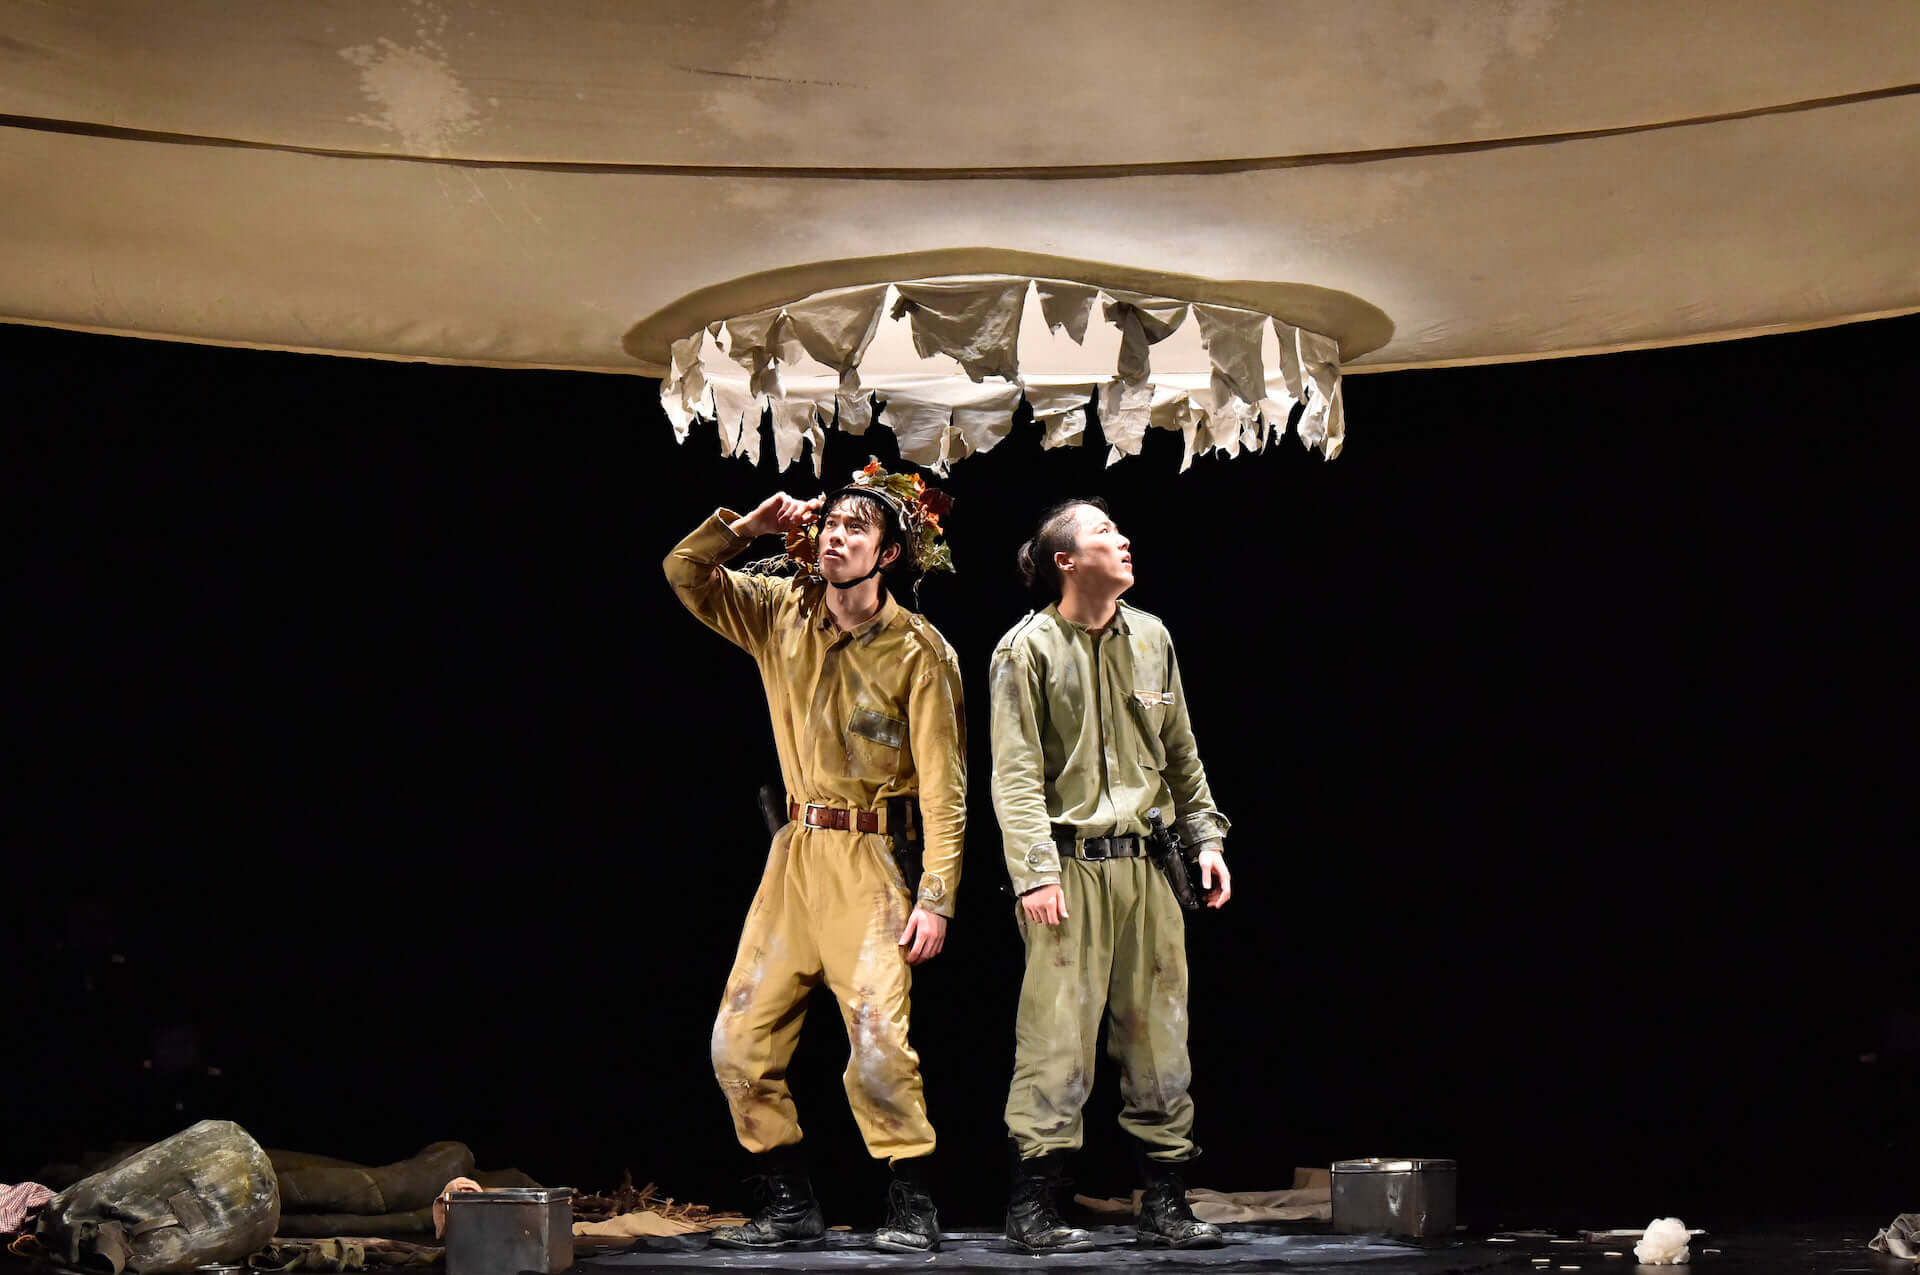 バリアフリー型のオンライン劇場「THEATRE for ALL」がオープン決定!SIDE COREのメディアアートほか演劇、映画、ダンス作品など多数配信 art201223_theatreforall_6-1920x1275